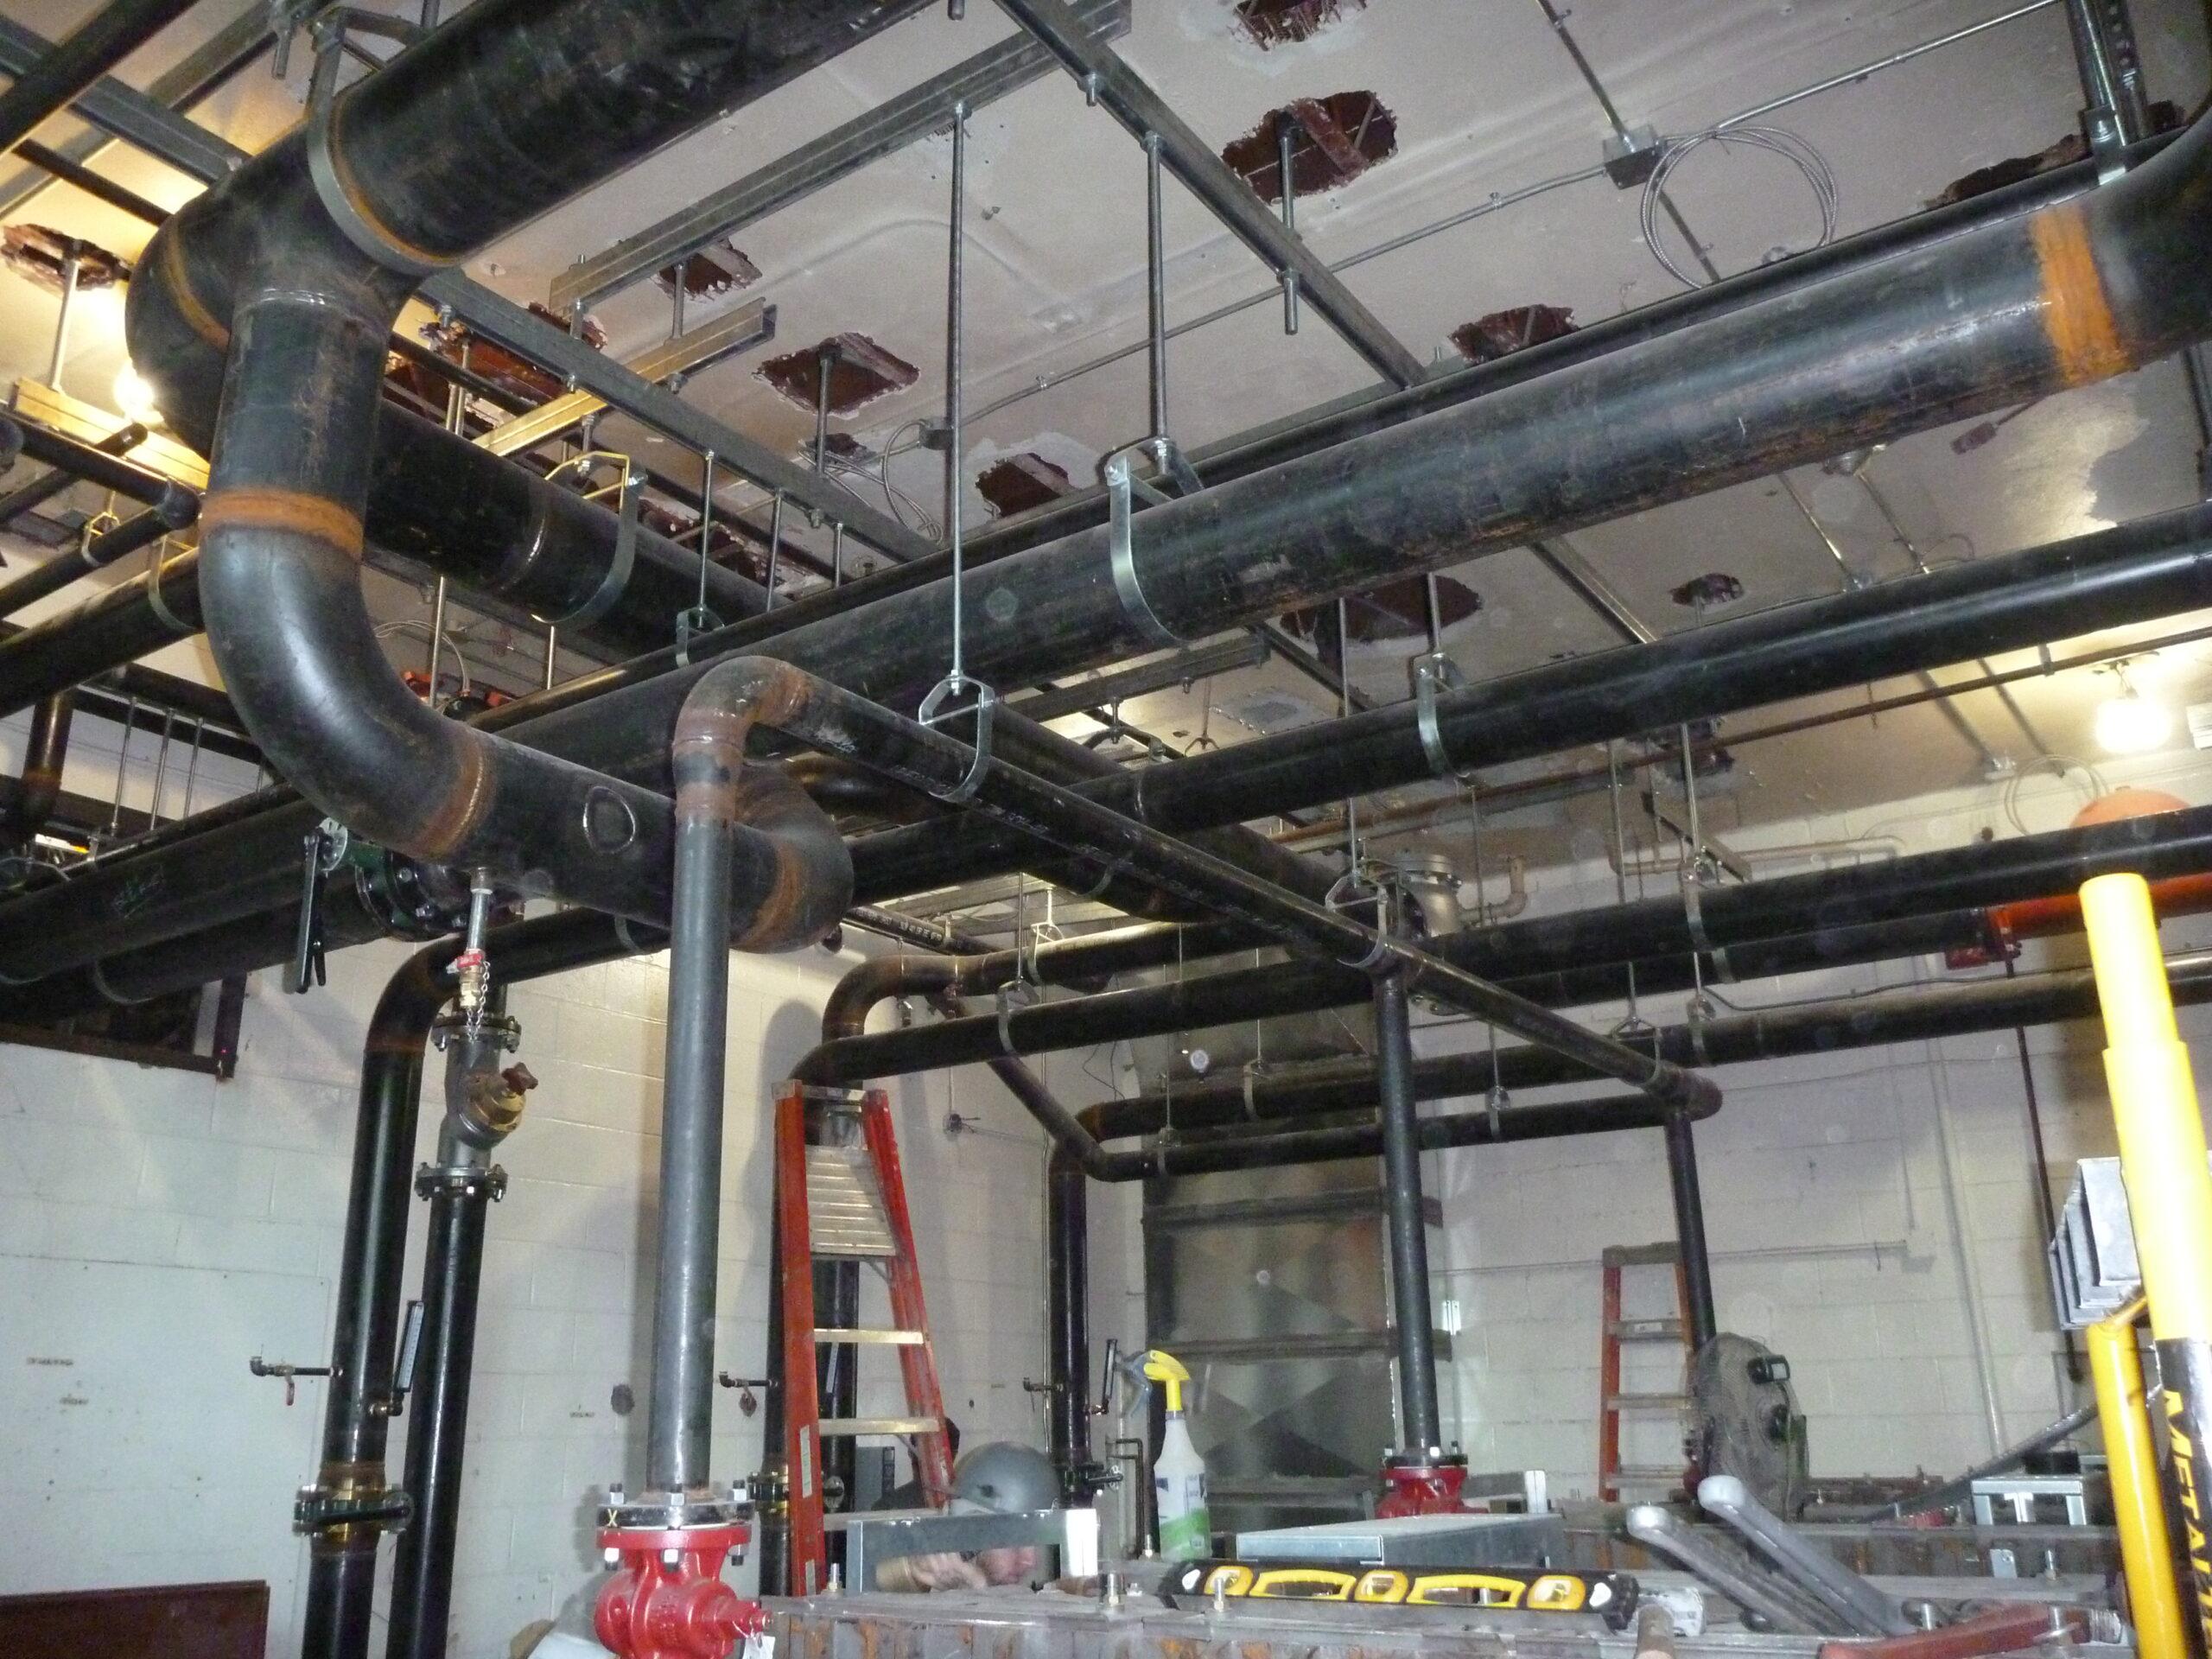 Heating Lines in Boiler Room